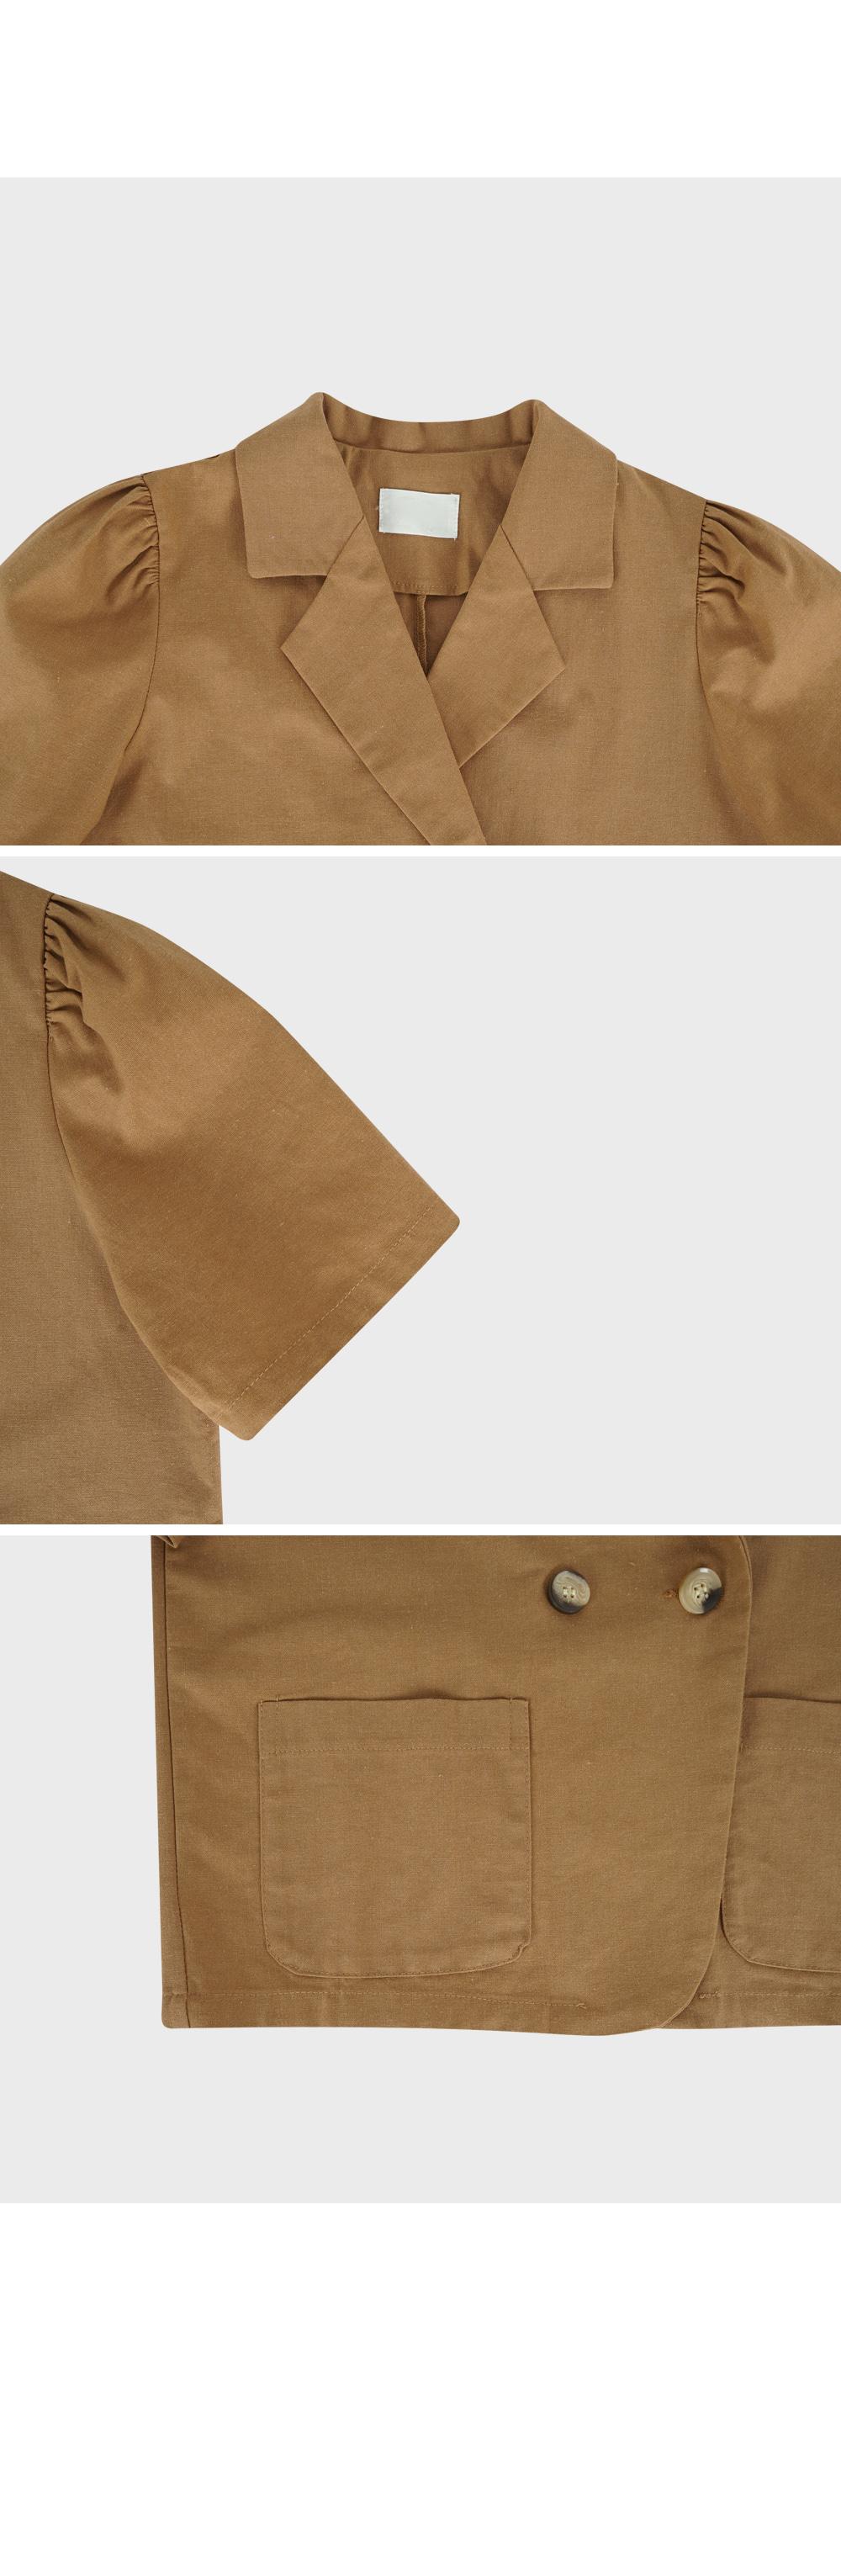 Short Sleeve Cropped Jacket-holiholic.com